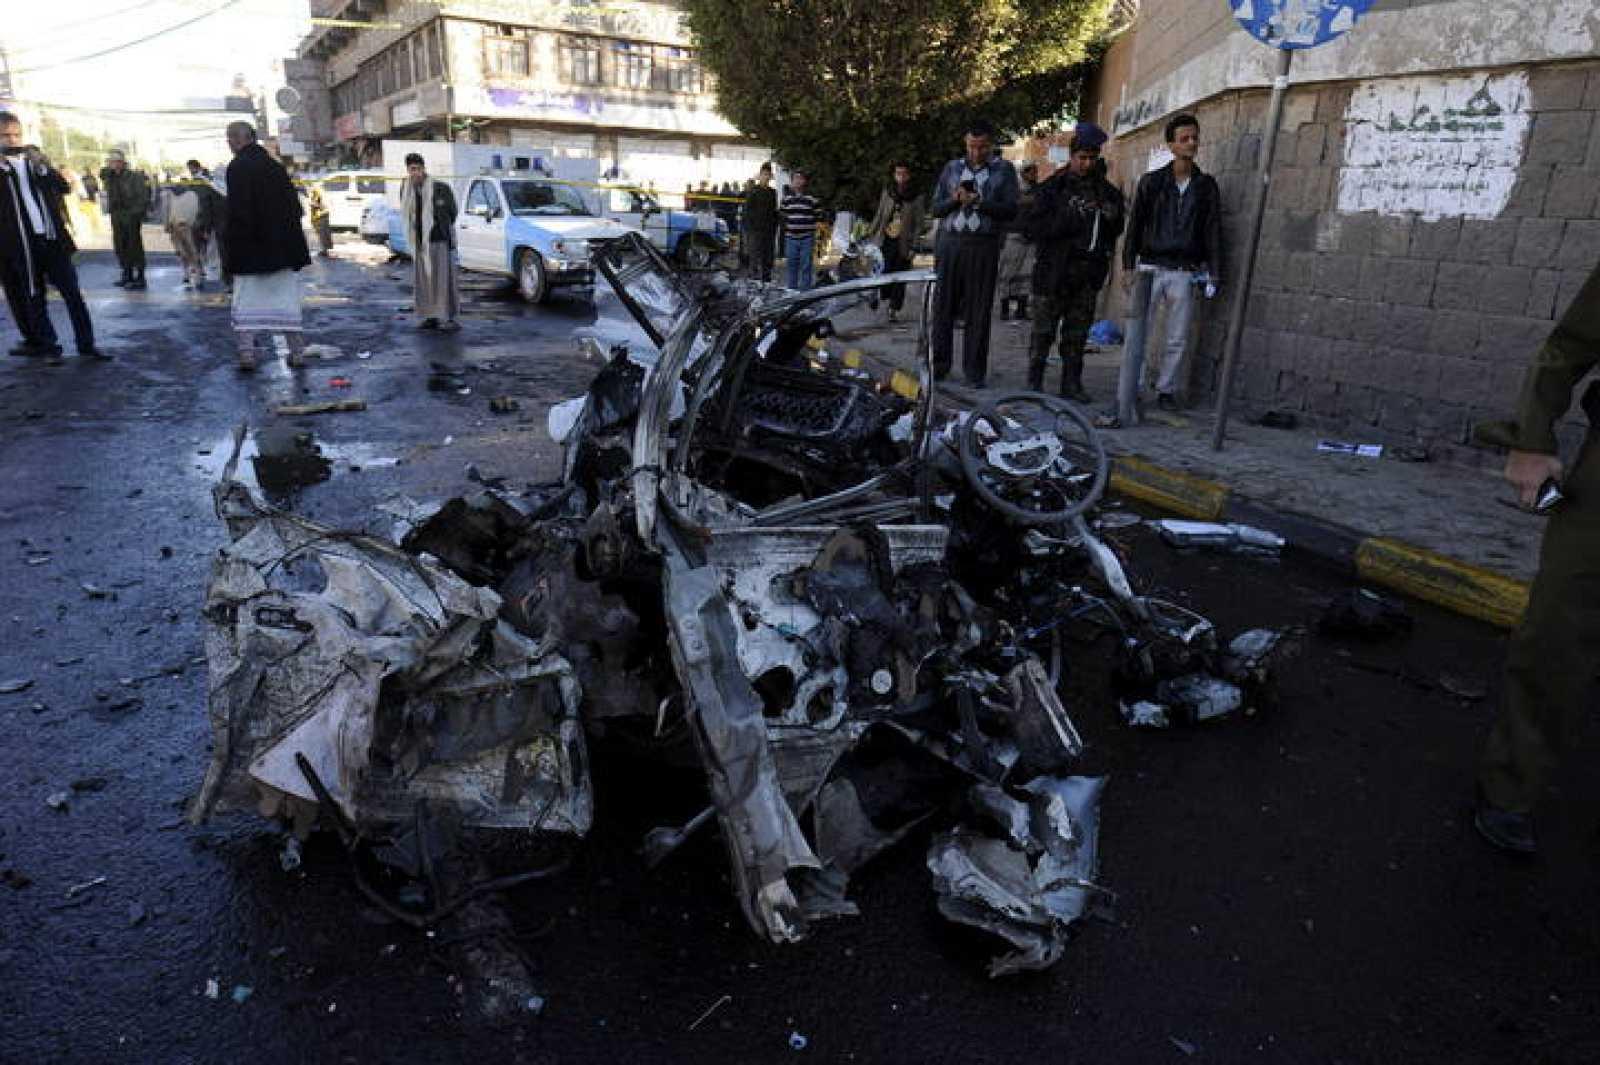 Yemeníes pasan junto a los restos del vehículo usado para un ataque suicida contra una academia de policía en Saná,